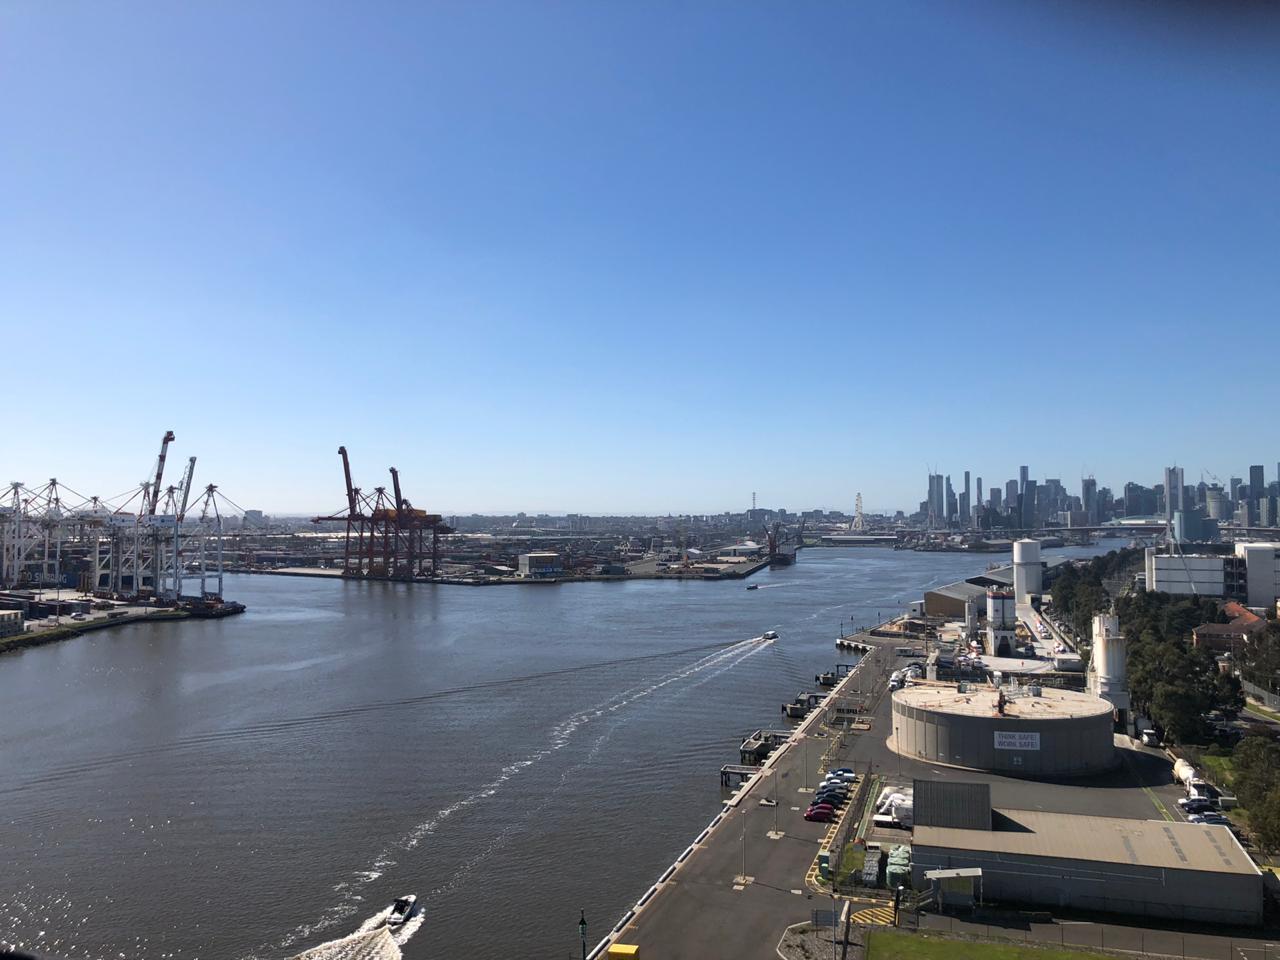 Em visita à Austrália, integrantes do governo veem evolução para privatização mais restrita em portos